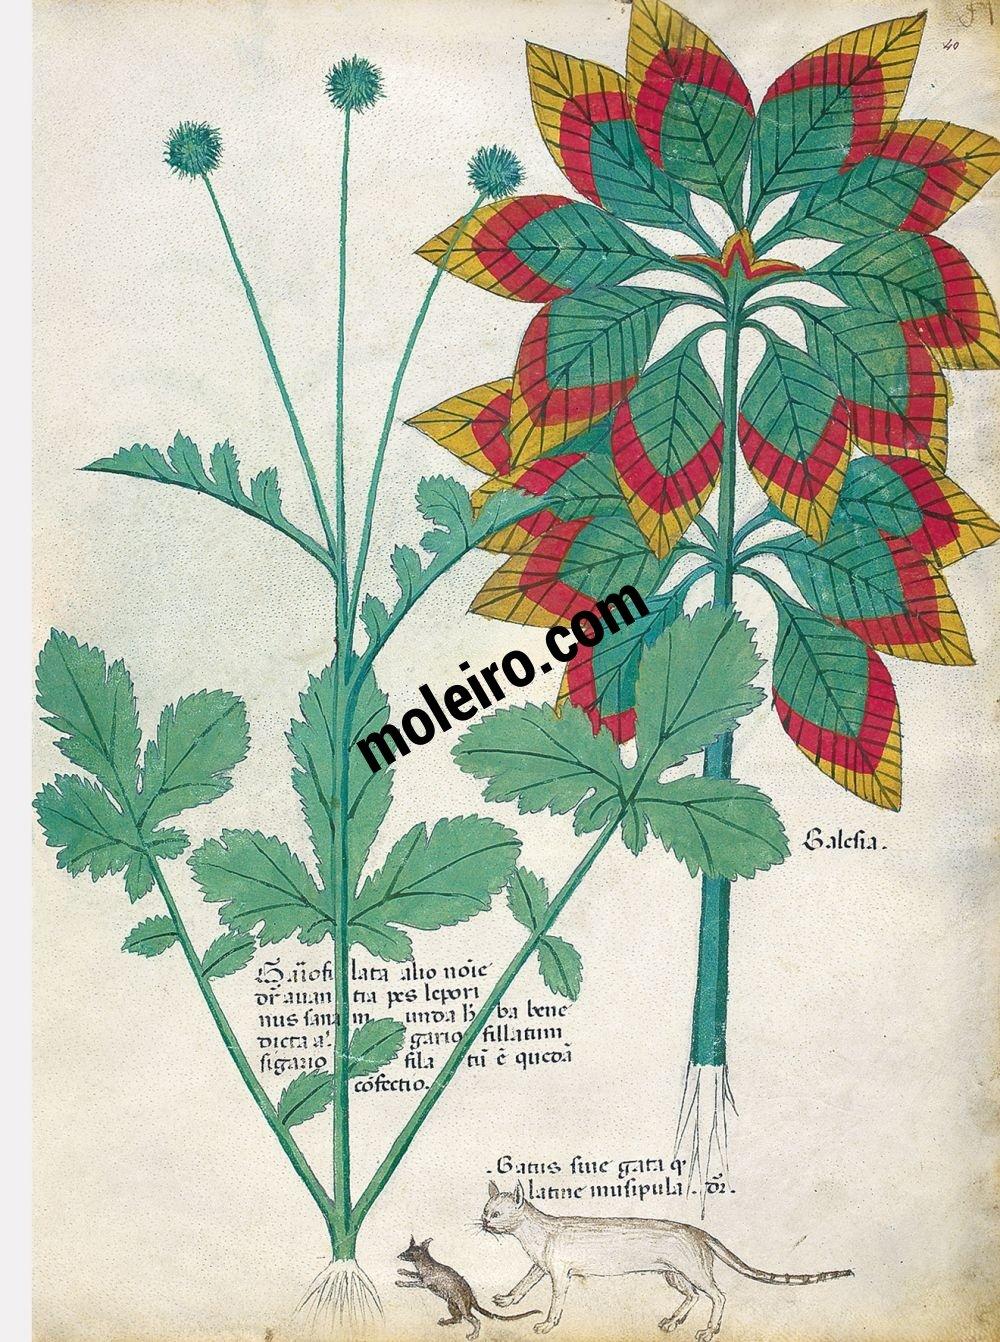 Tratado de plantas medicinales. Tractatus de Herbis -Sloane 4016 f. 40r:Amaranta tricolor; hierba de san Benito; gato o gata